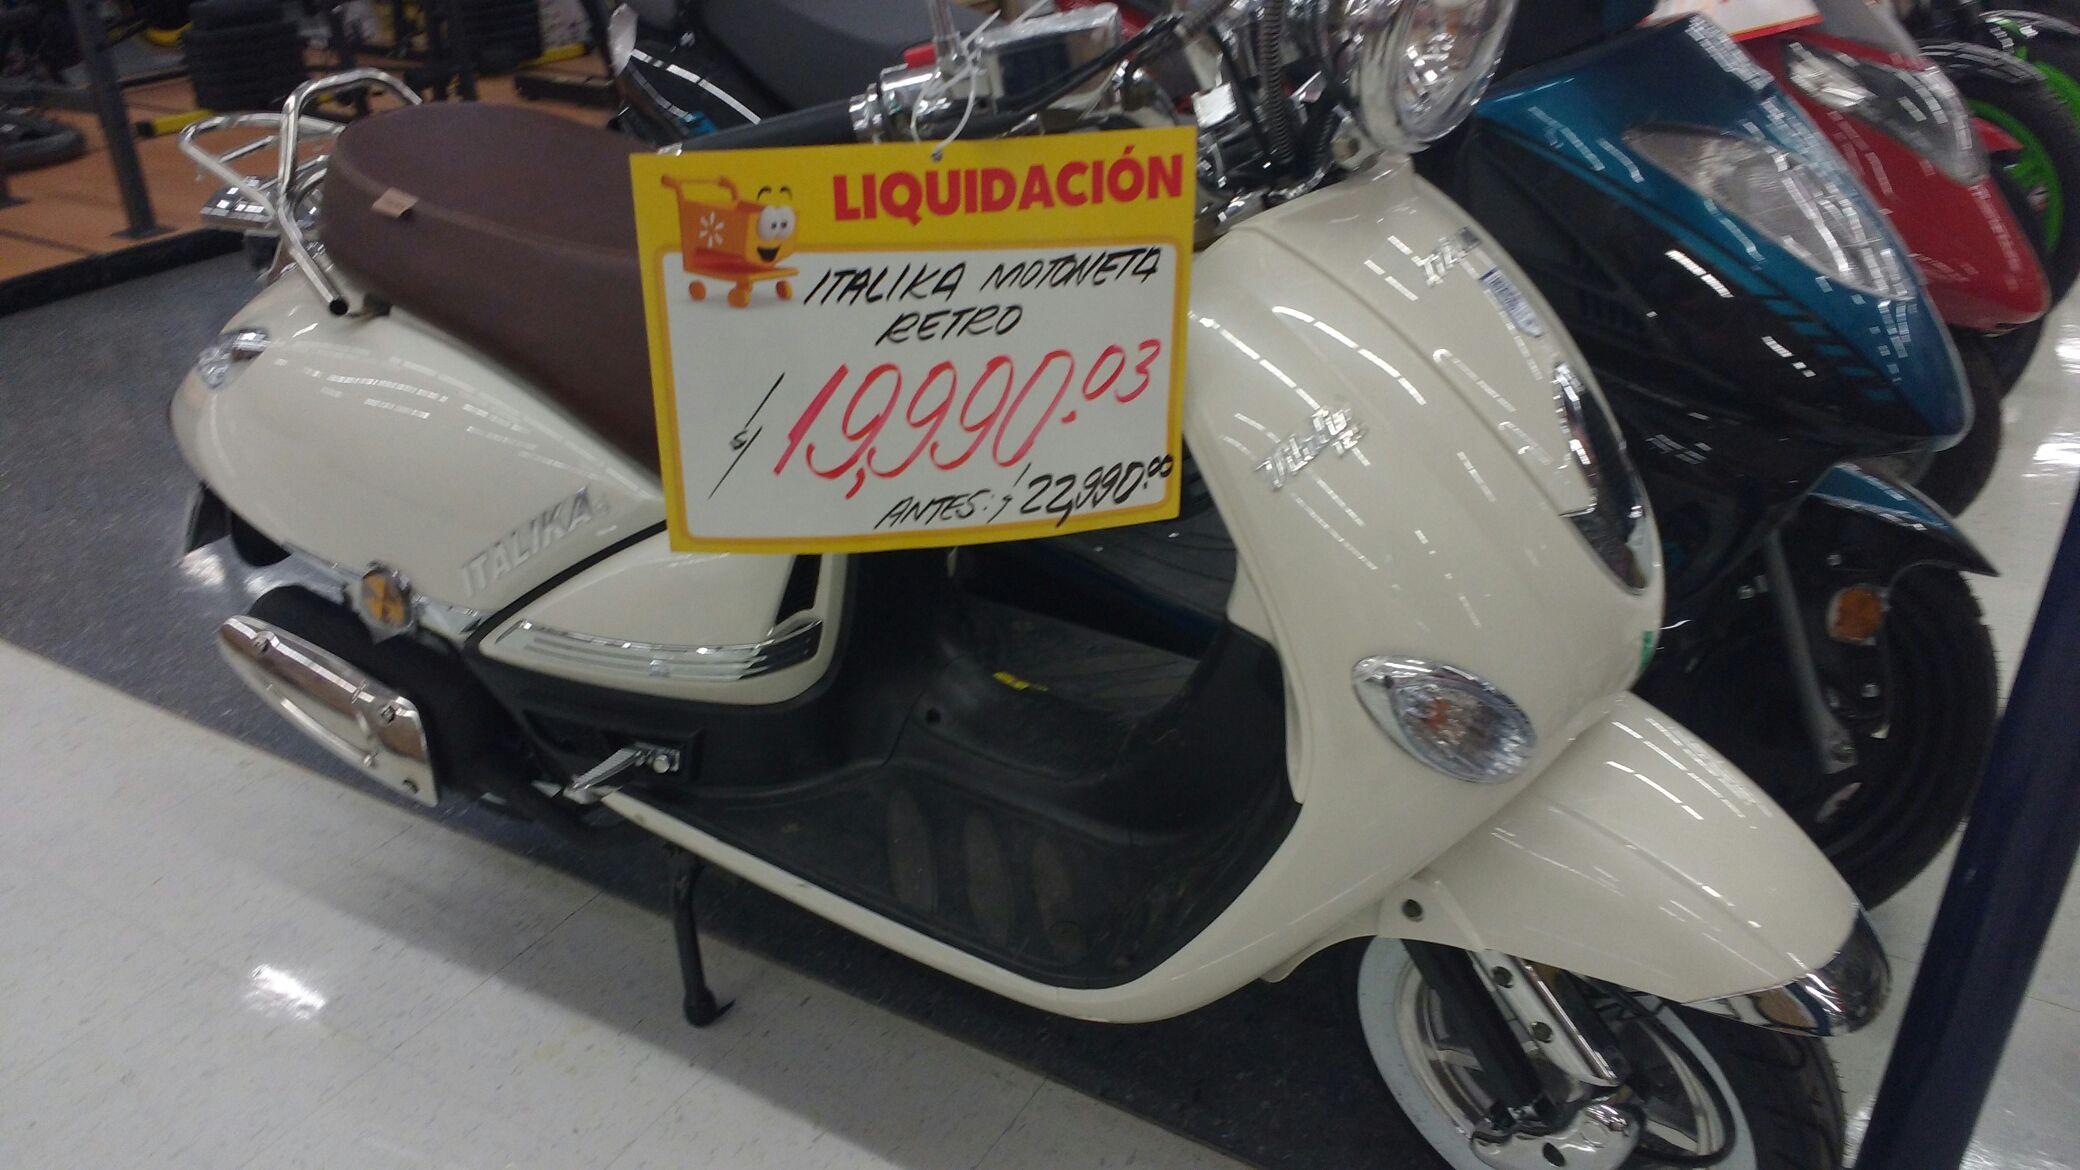 Walmart Galerías León: Sistema de seguridad, teclado Kayser y más...